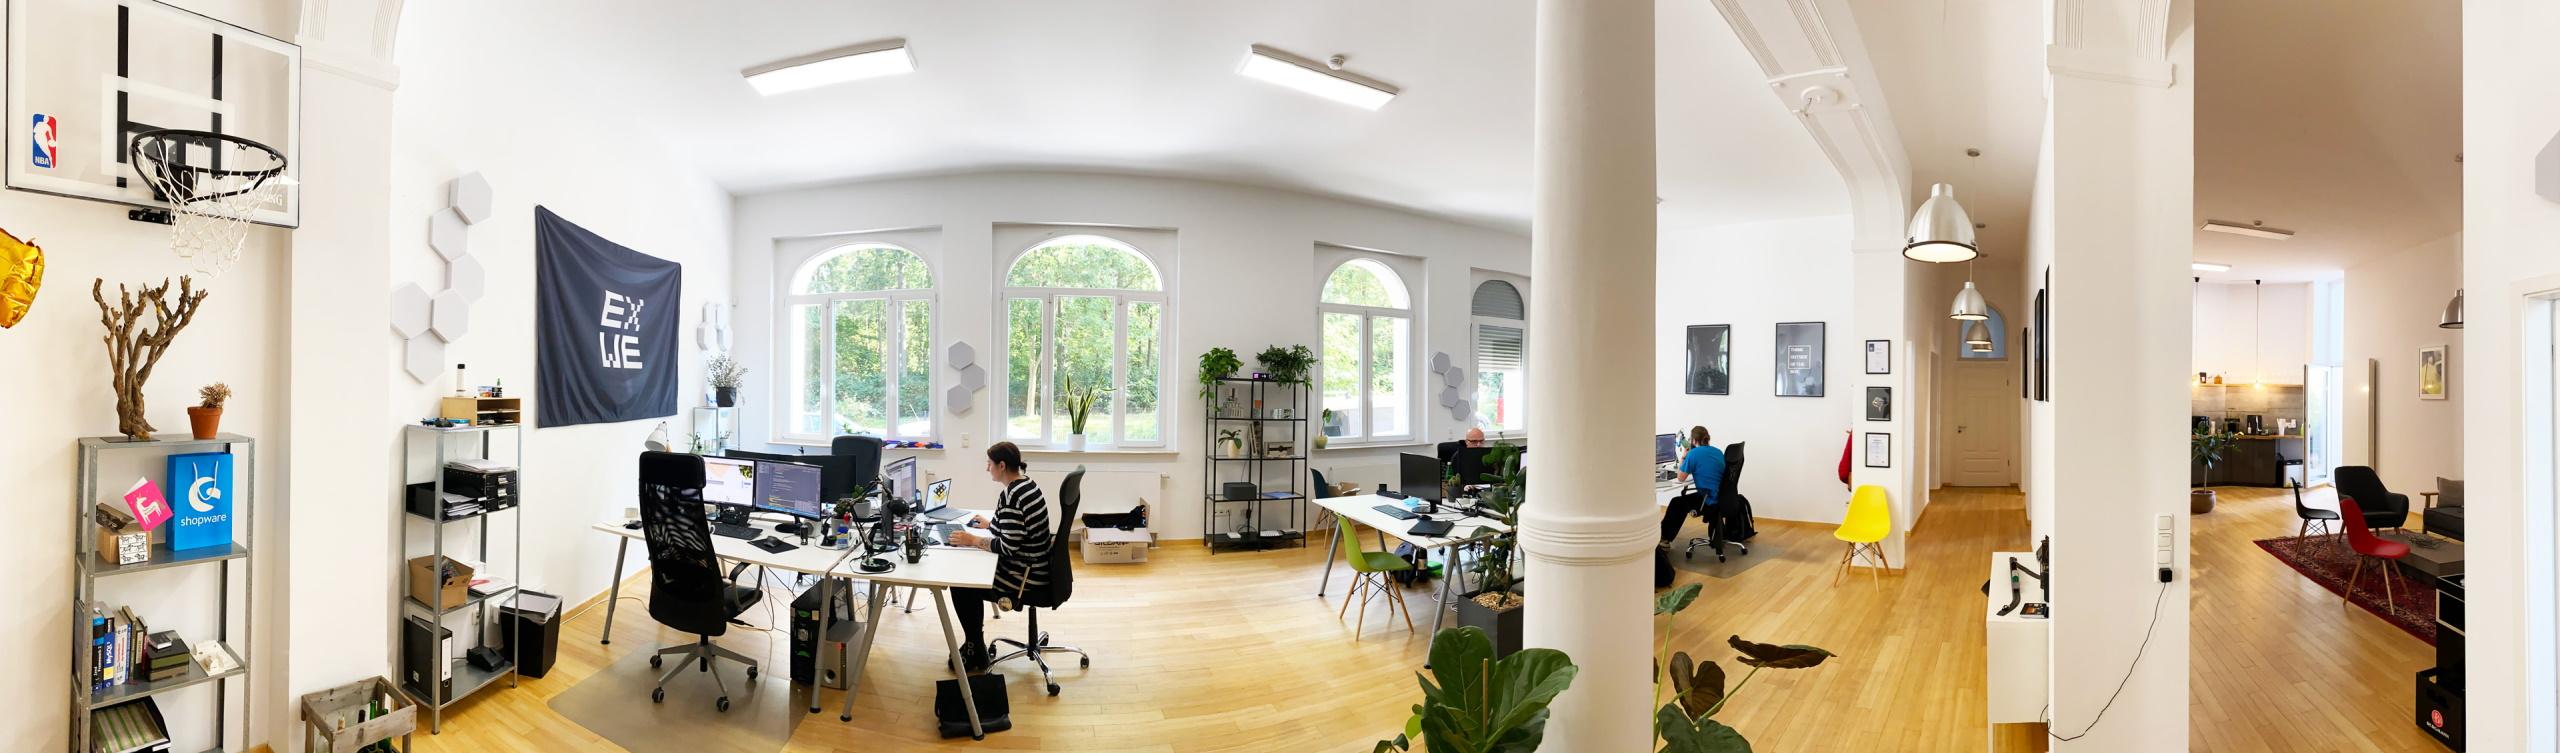 Foto Mitarbeiter am Schreibtisch EXWE E-Commerce Agentur